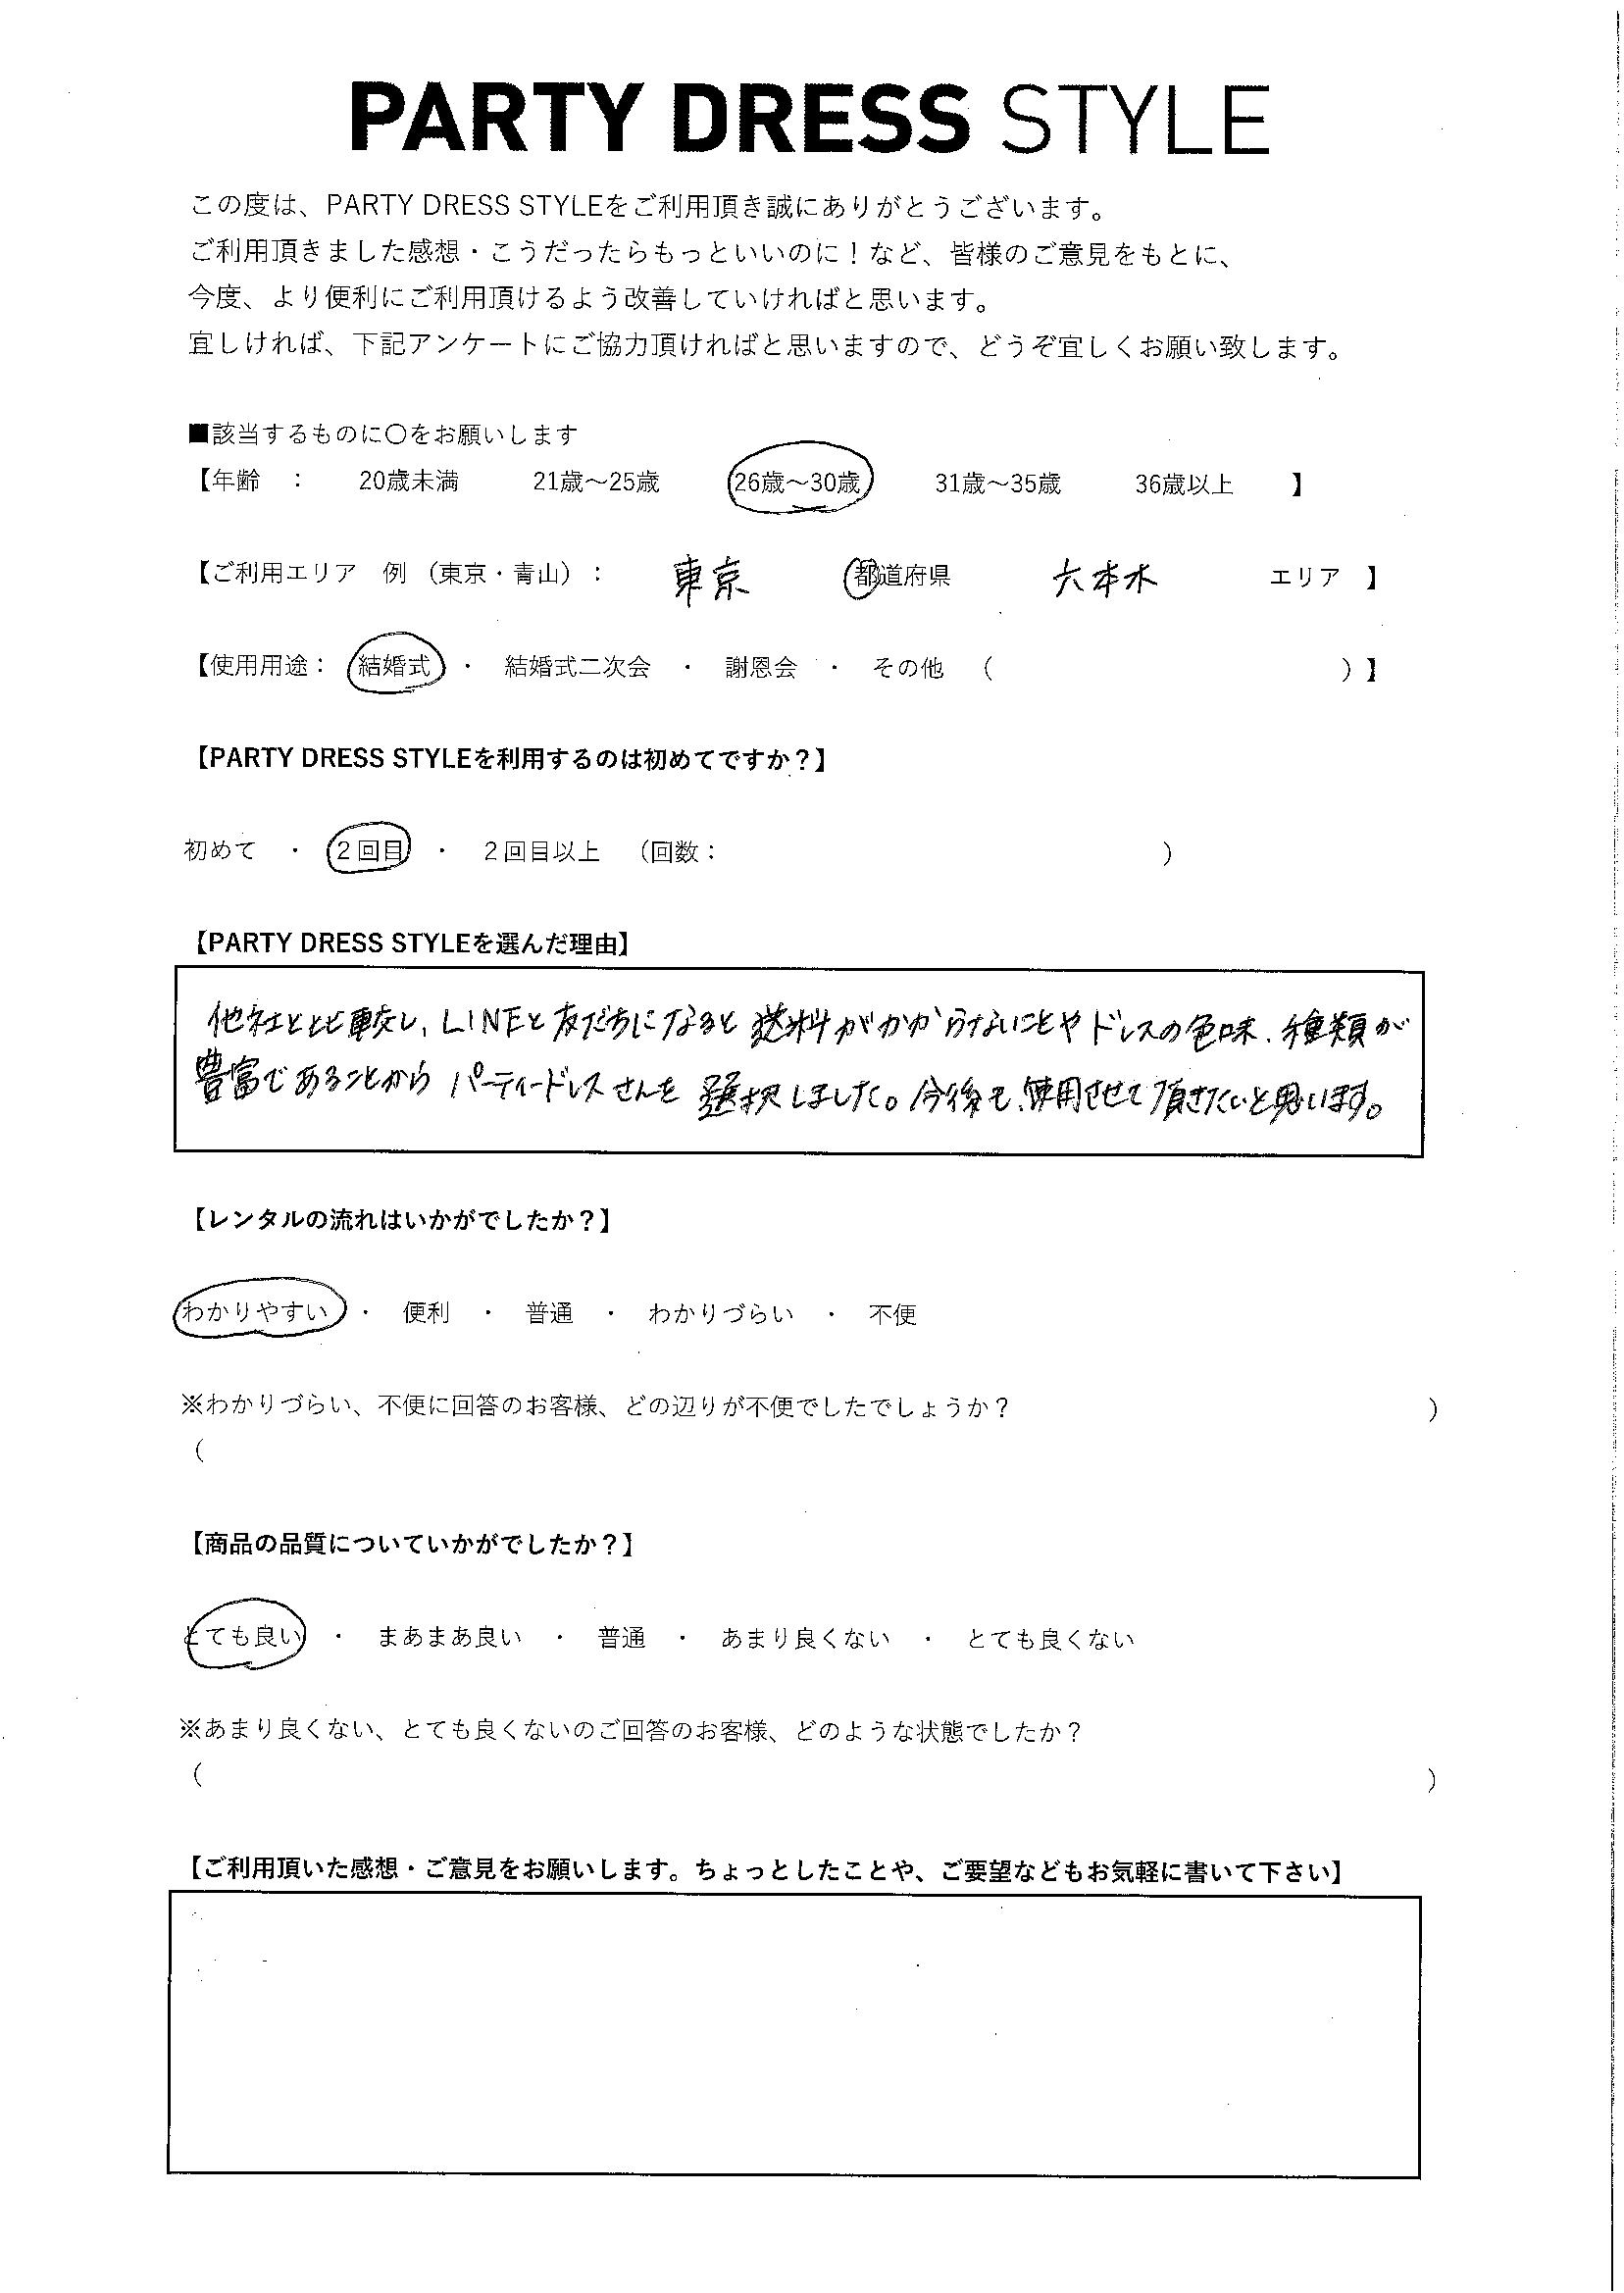 6/6結婚式ご利用 東京・六本木エリア